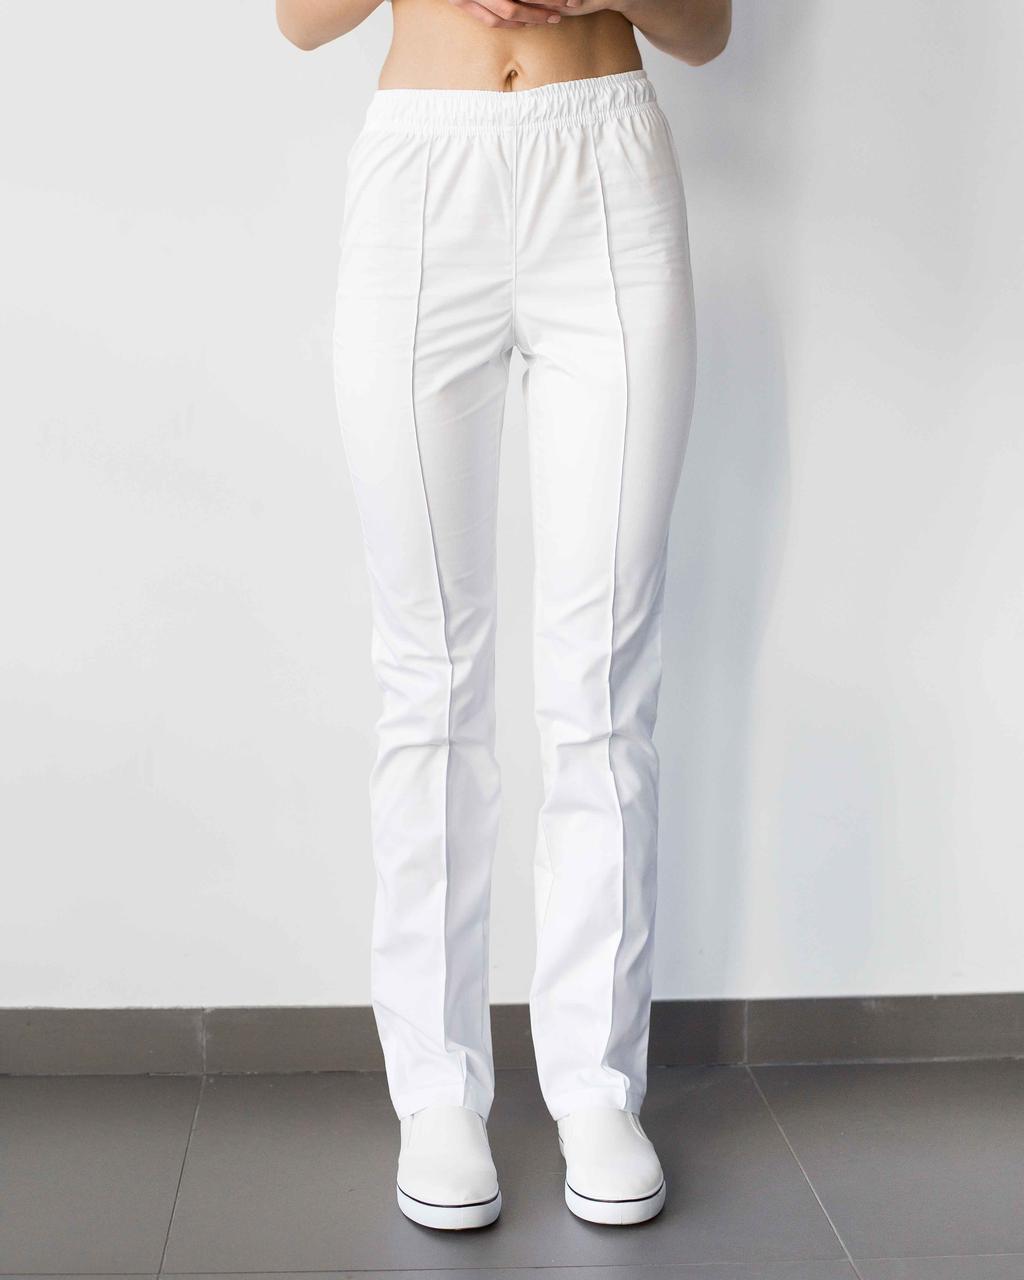 Медицинские женские брюки белые